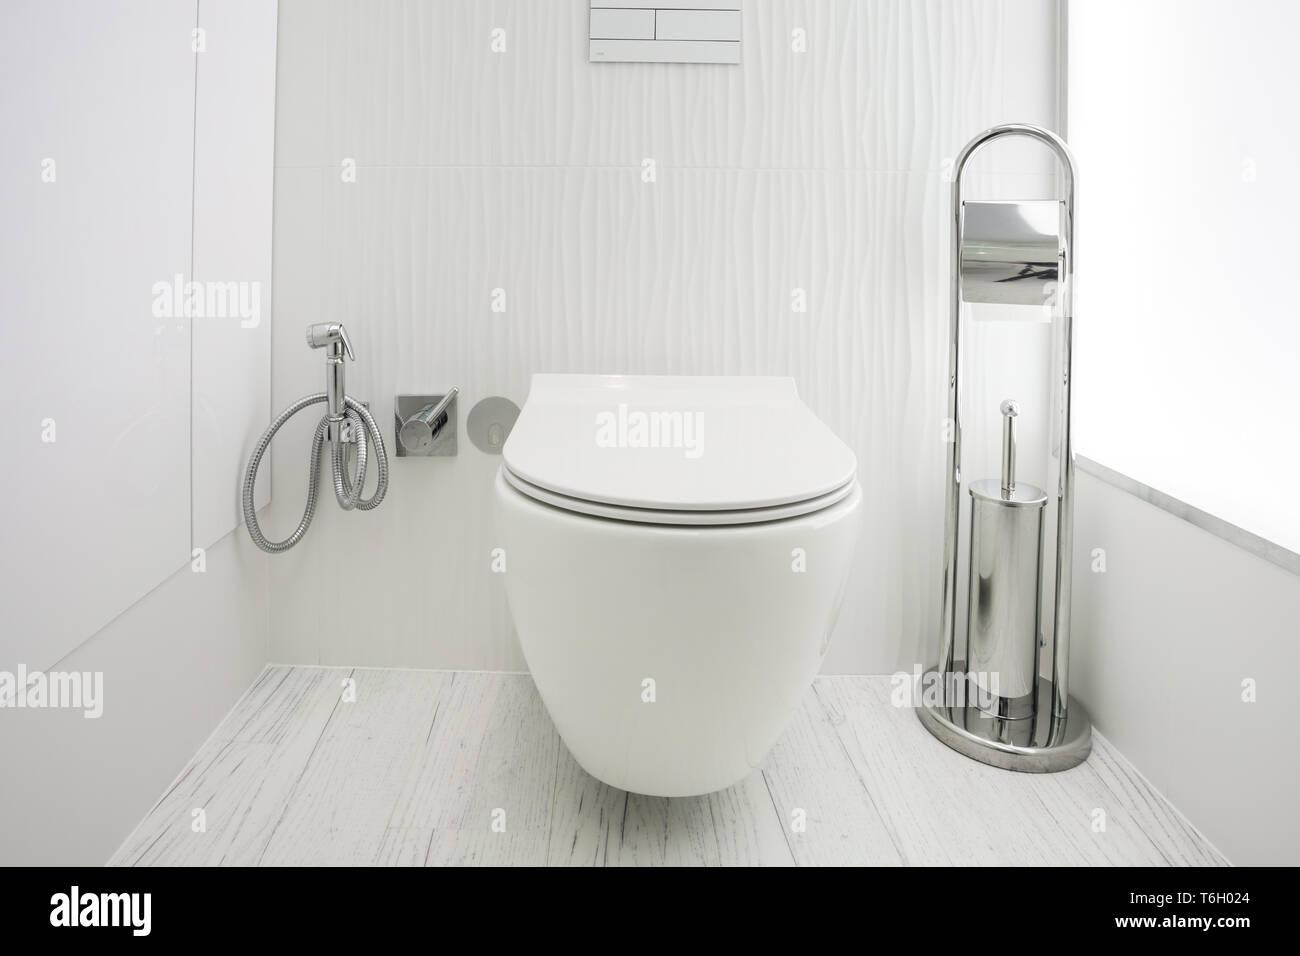 Stupendous Toilet Sprinkler Stock Photos Toilet Sprinkler Stock Cjindustries Chair Design For Home Cjindustriesco